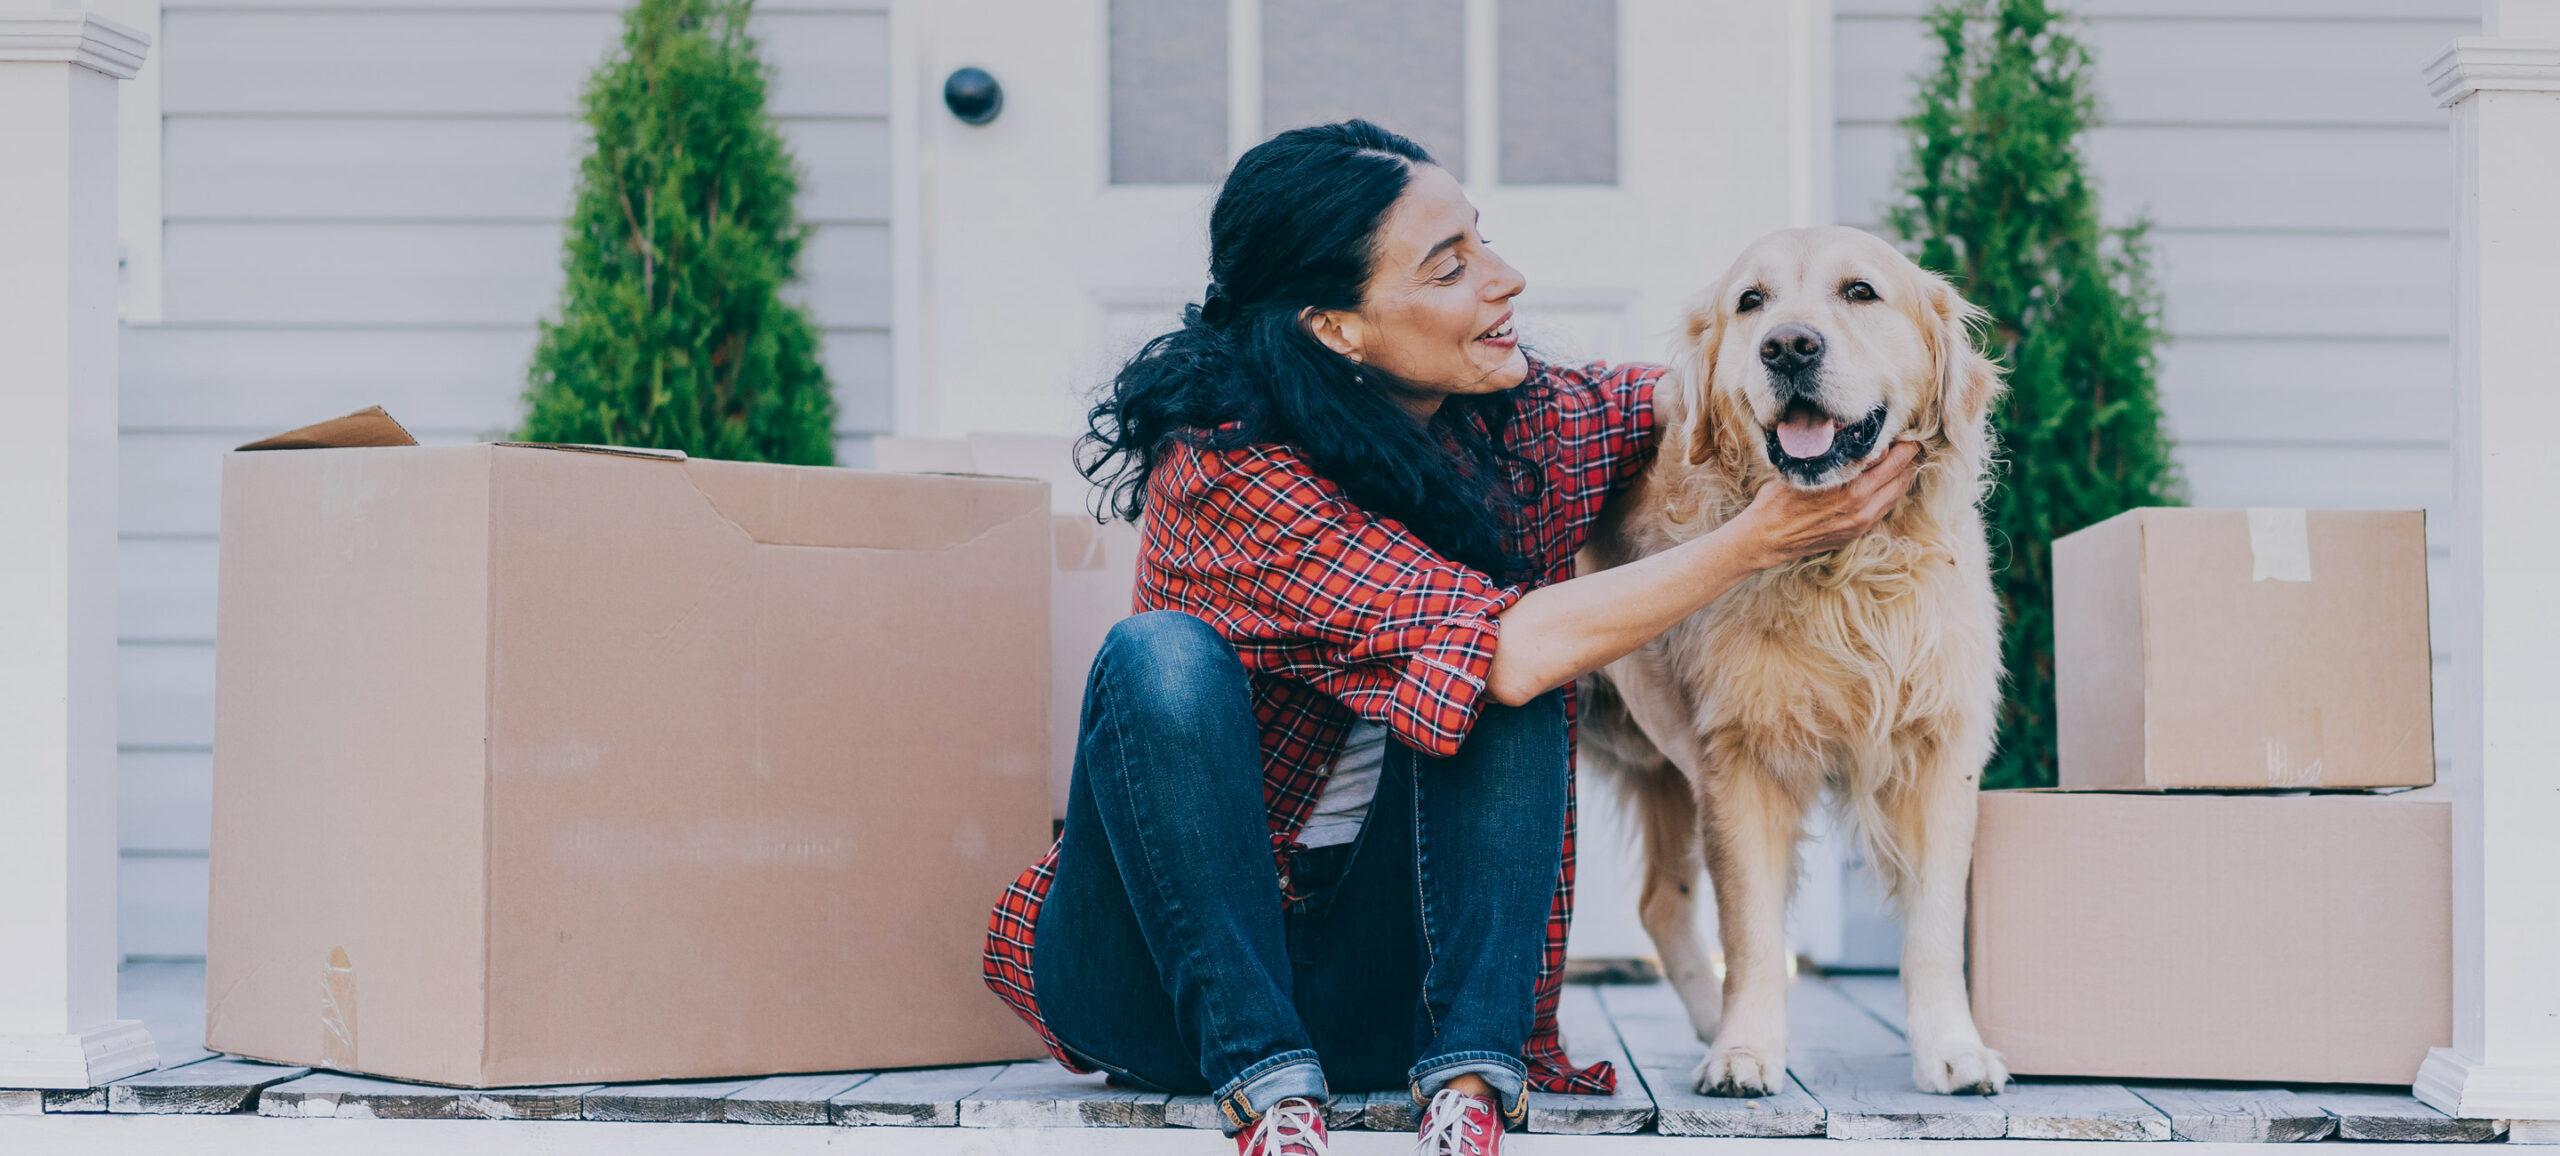 Frau sitzt mit Hund vor Haus umgeben von Kartons